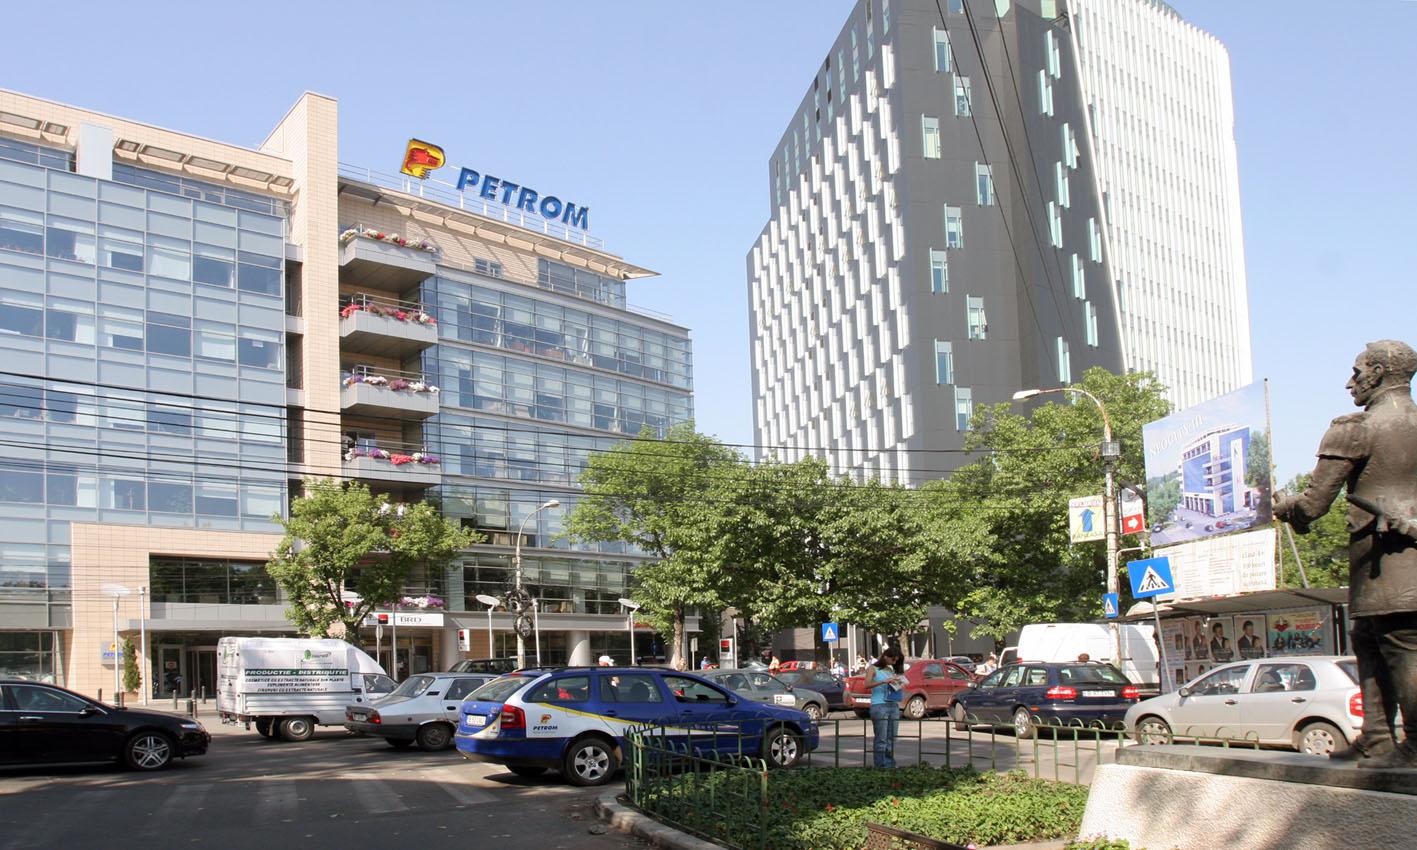 9,84% din actiunile Petrom vandute peste pretul din 2004, de la privatizare